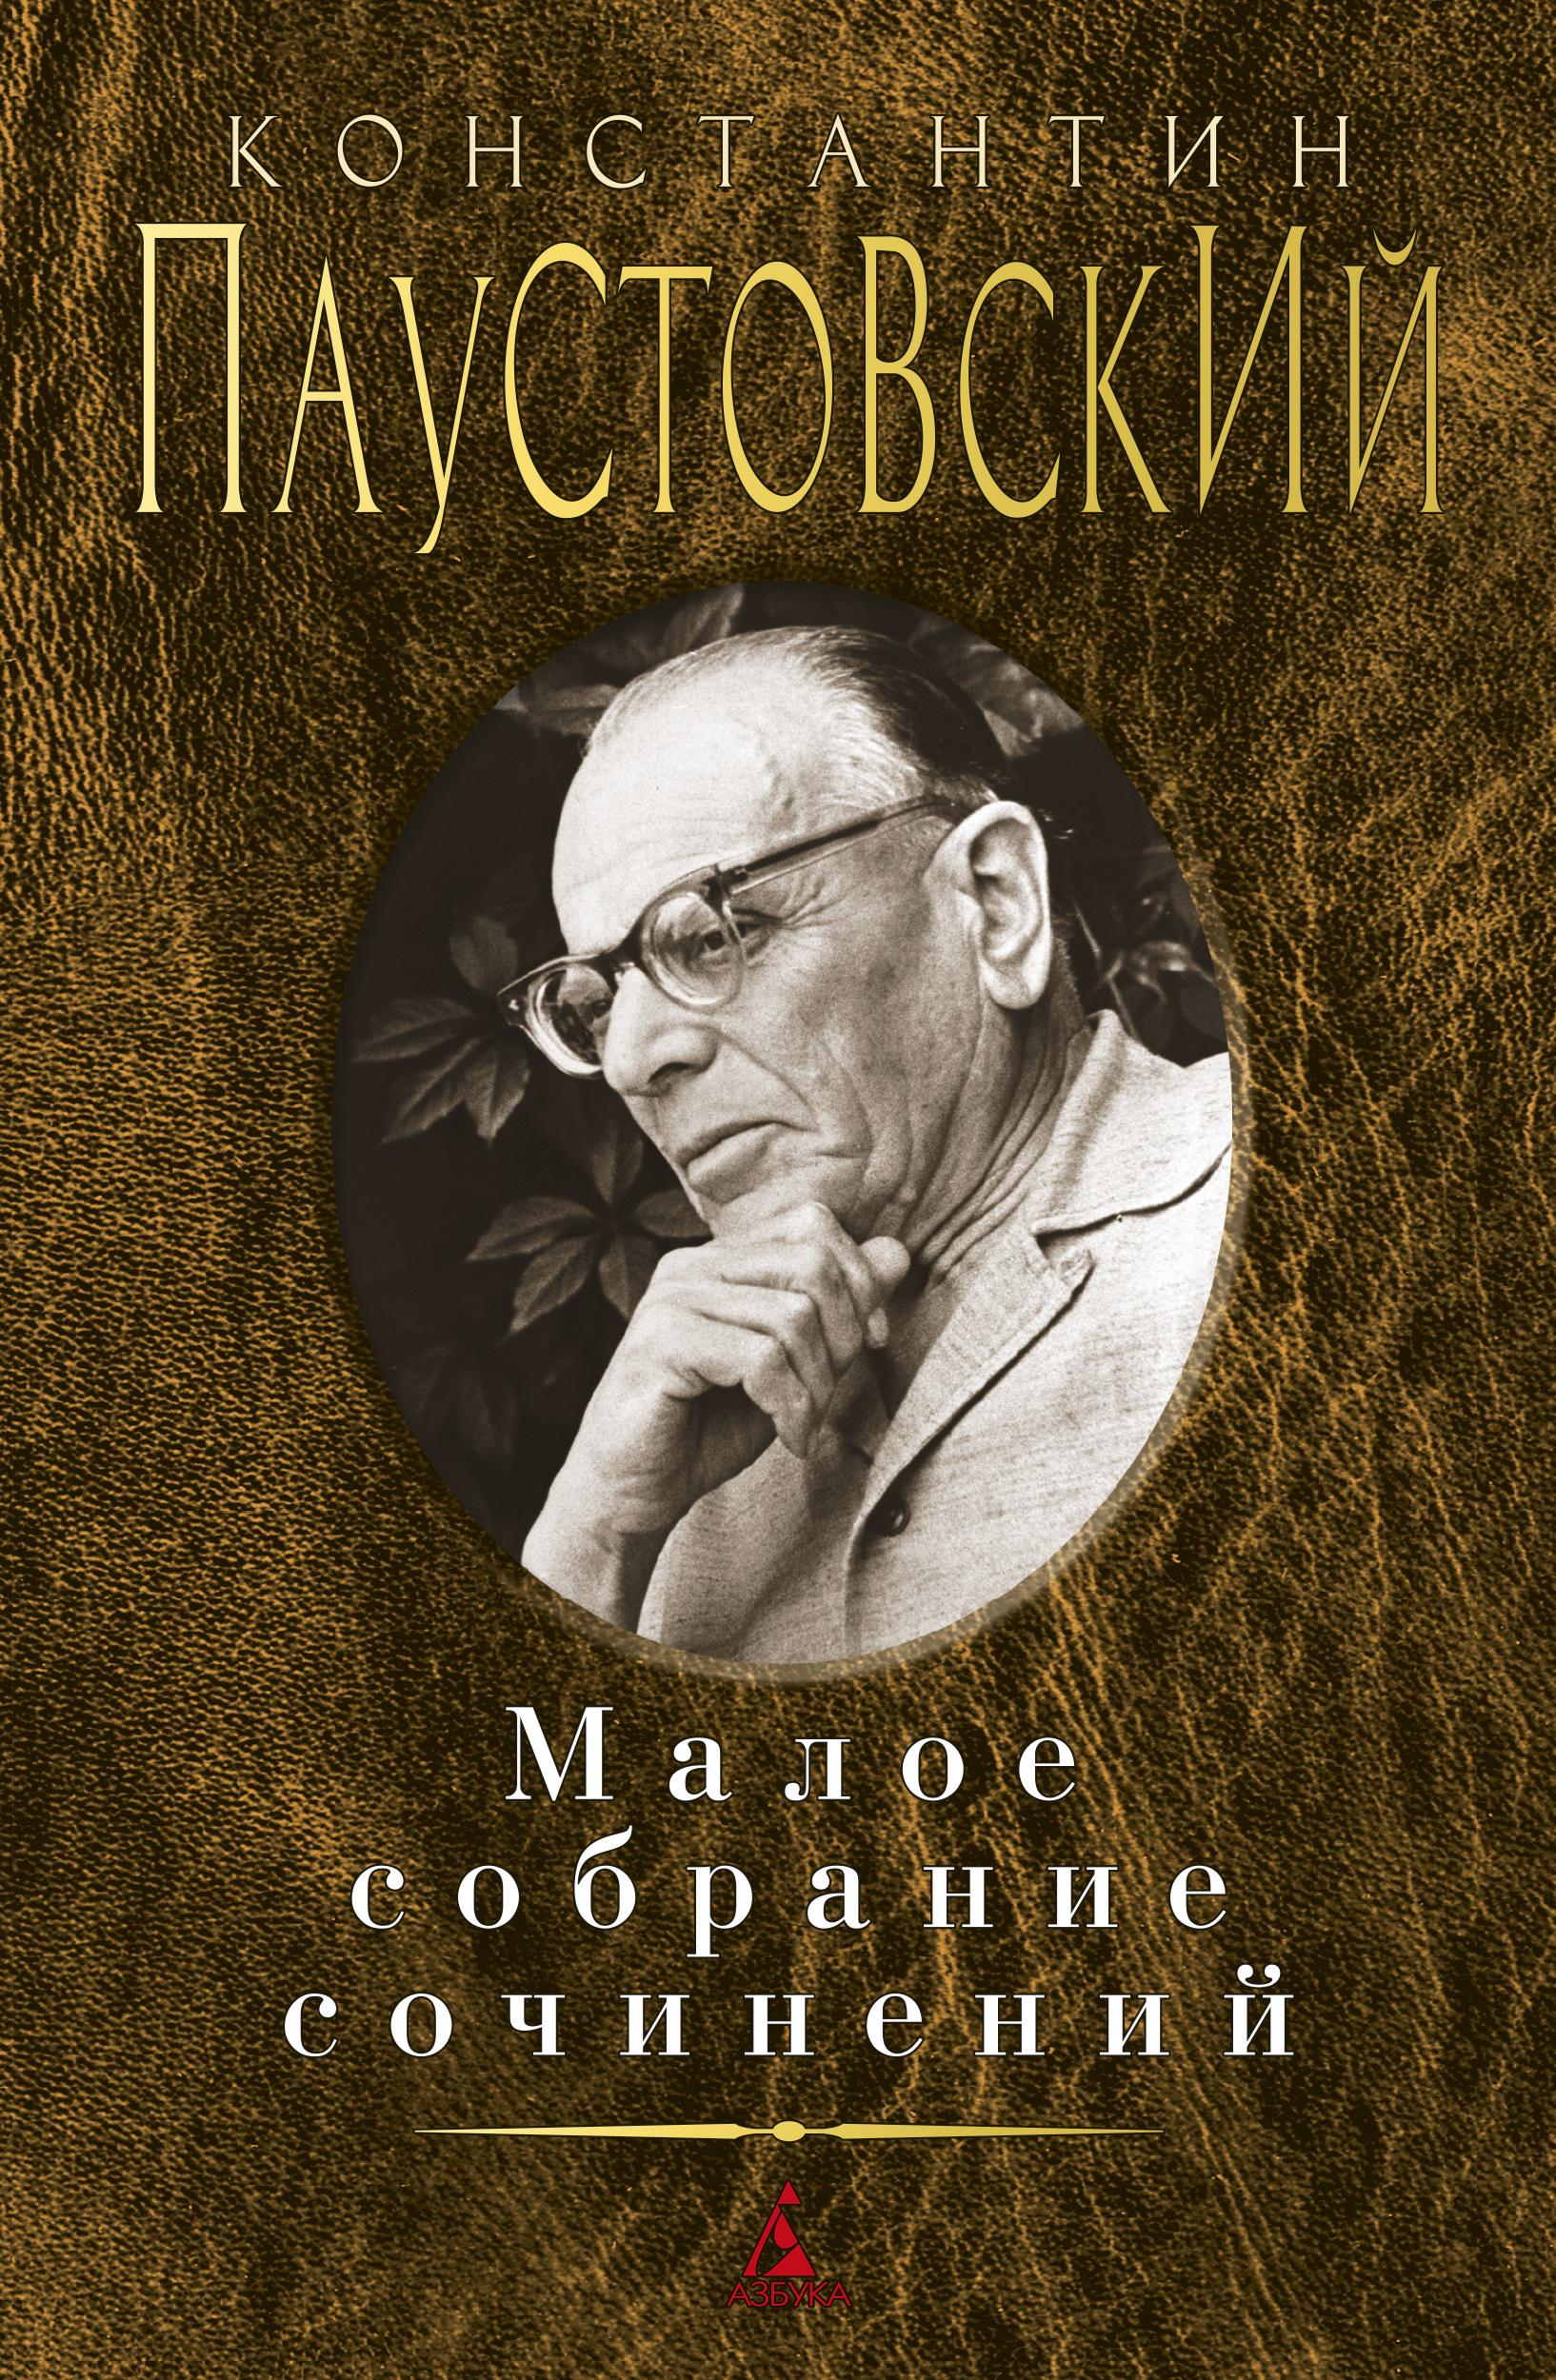 Малое собрание сочинений/Паустовский К.